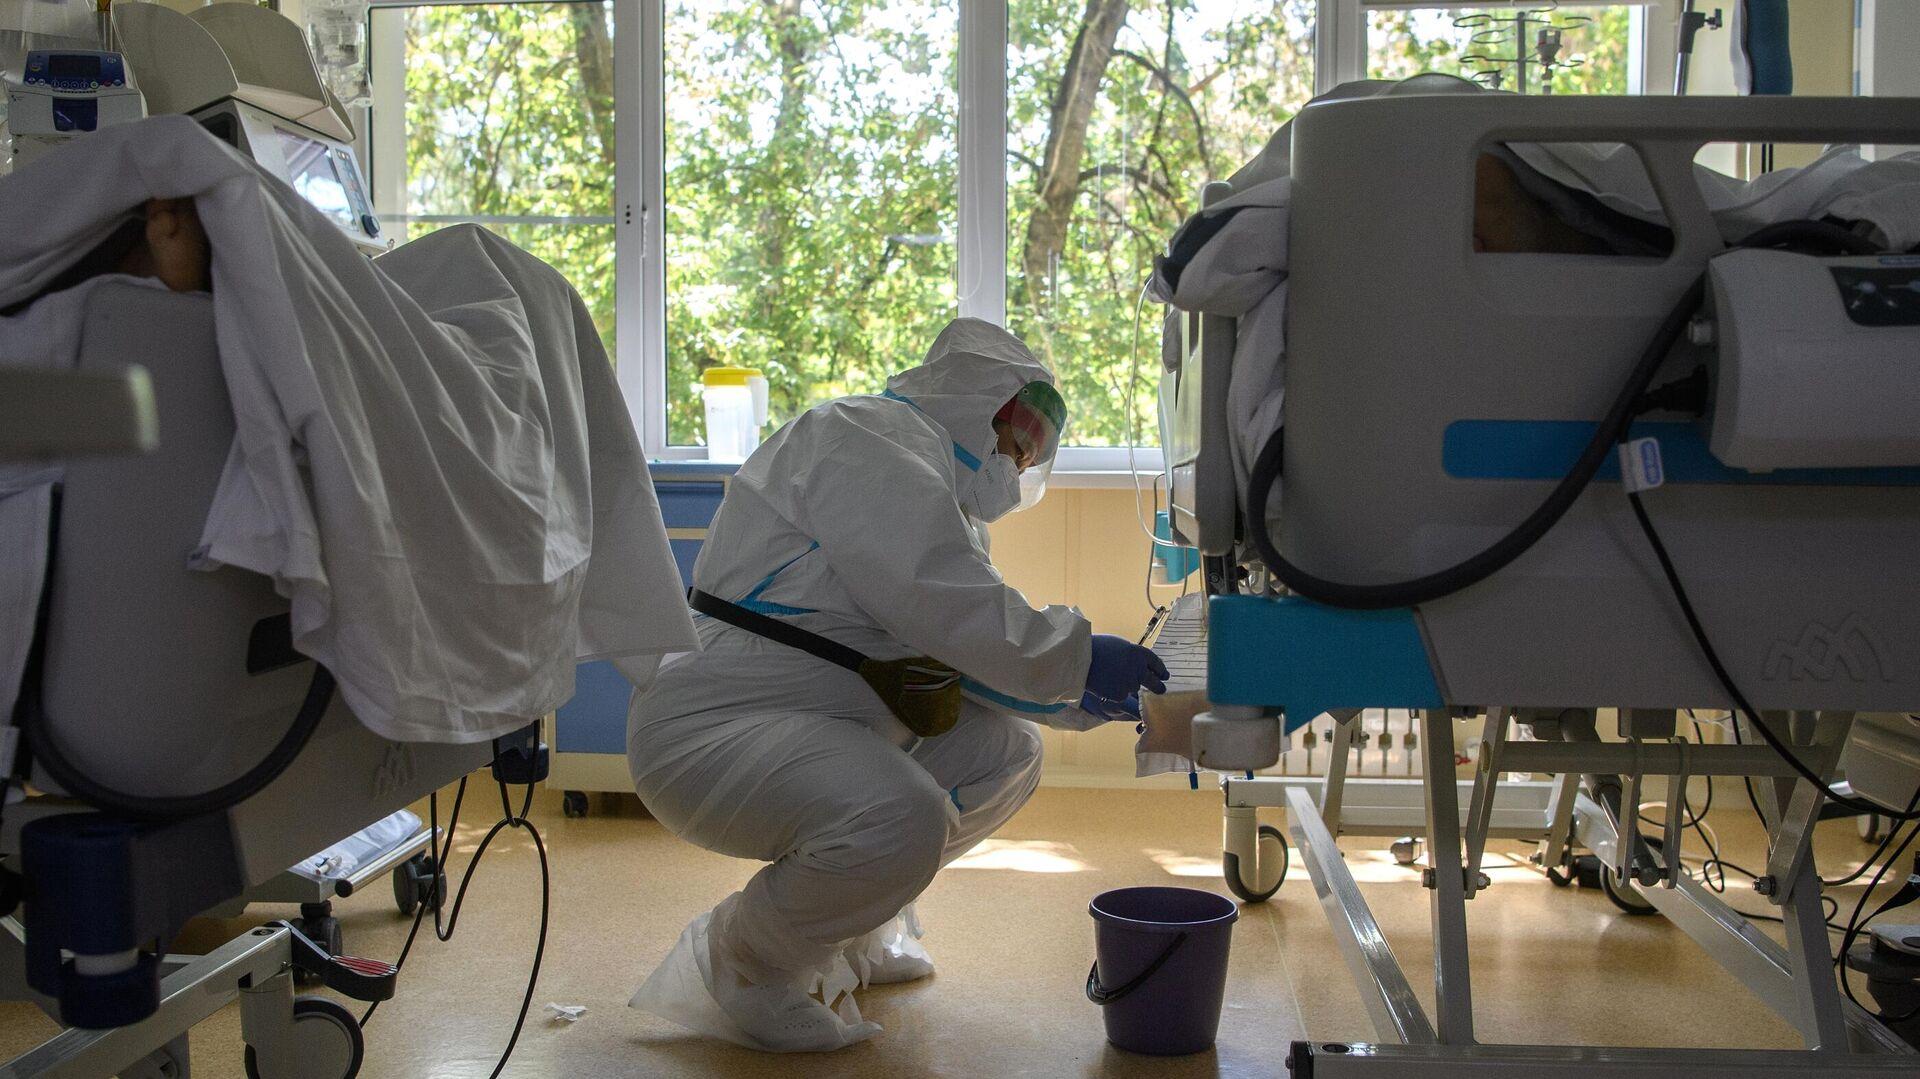 Медицинский работник в отделении реанимации и интенсивной терапии в госпитале COVID-19 - РИА Новости, 1920, 12.09.2021